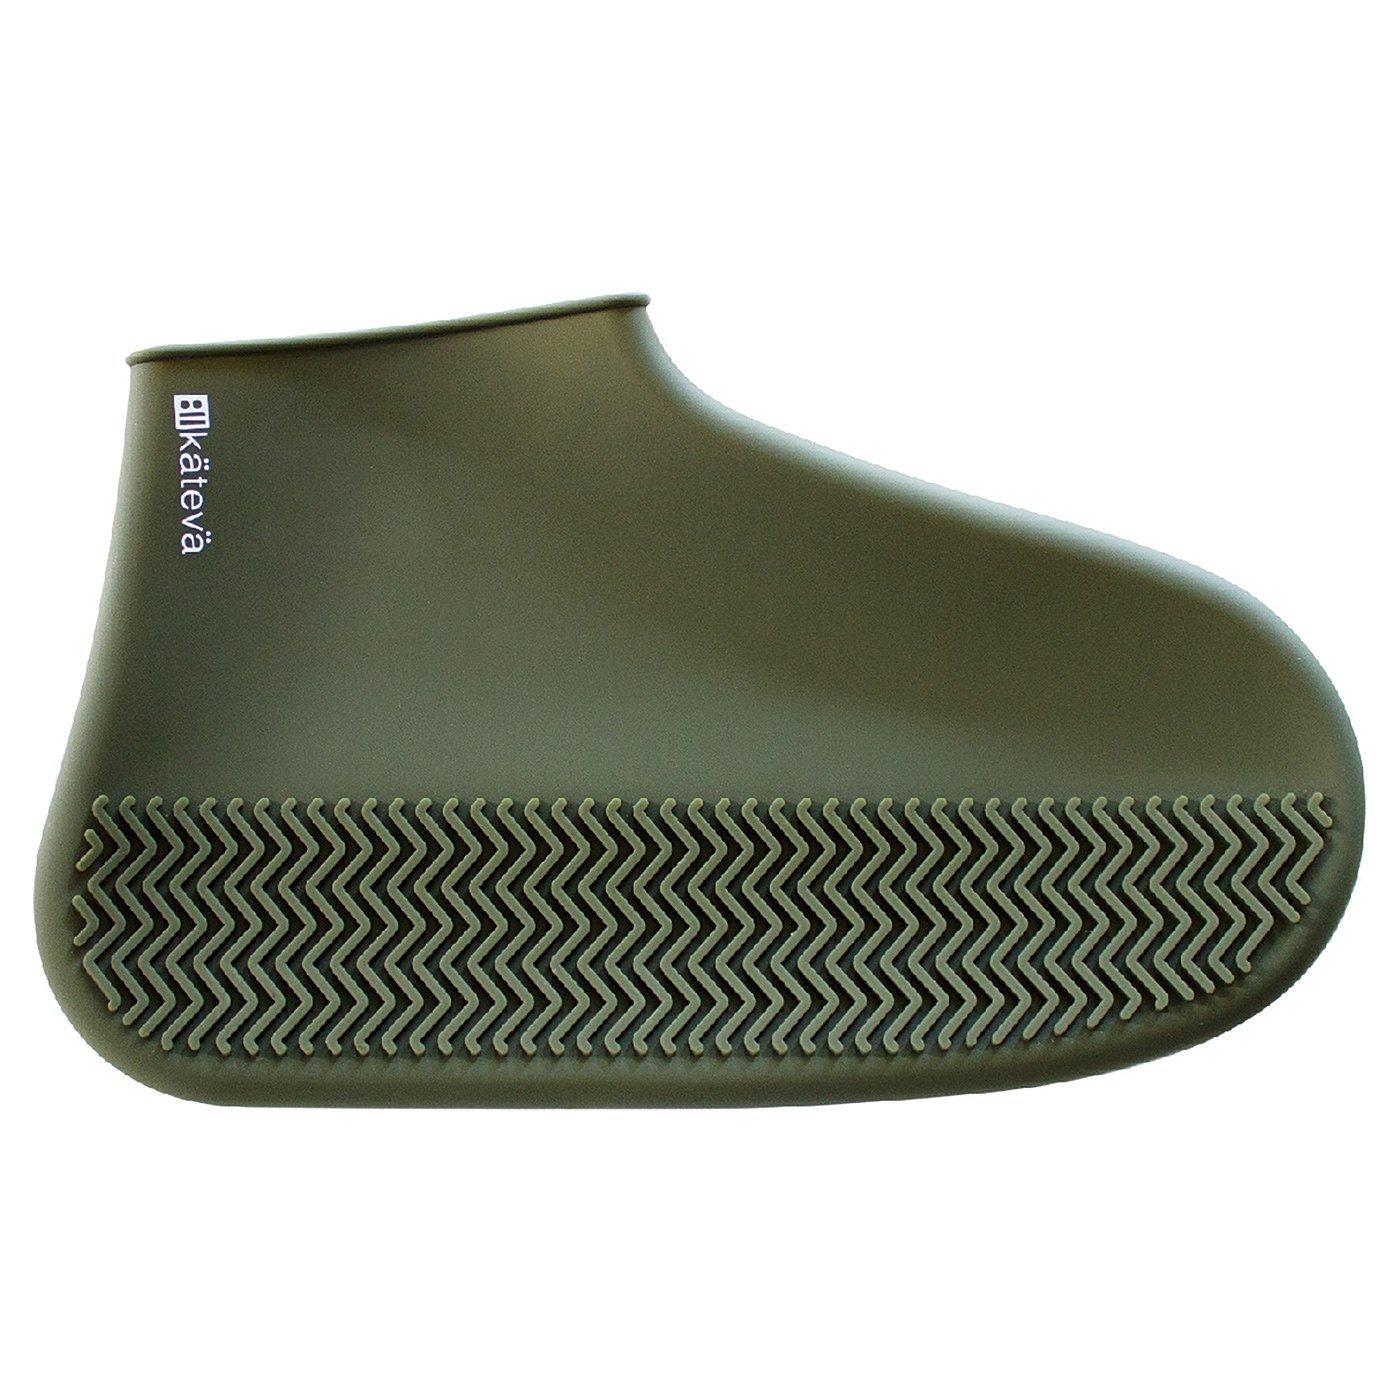 KATEVA 履いている靴にかぶせるだけ! 雨の日シリコンシューズカバー(Mサイズ)